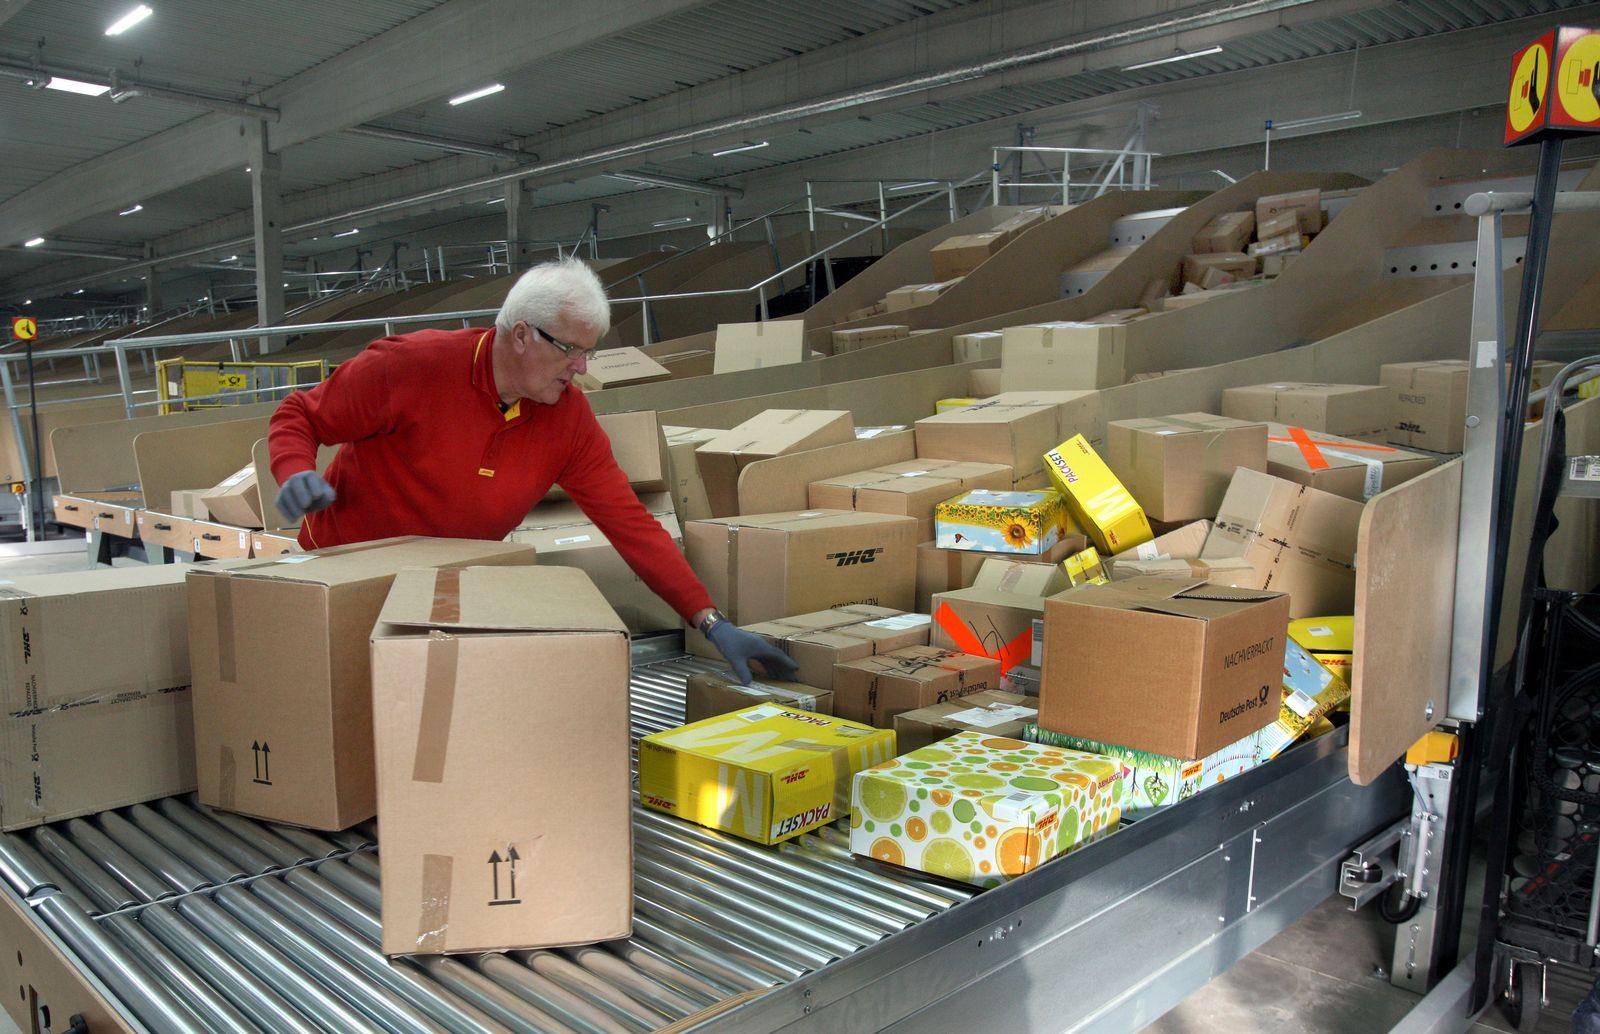 Deutsche Post stellt neue Paketverteilanlage vor